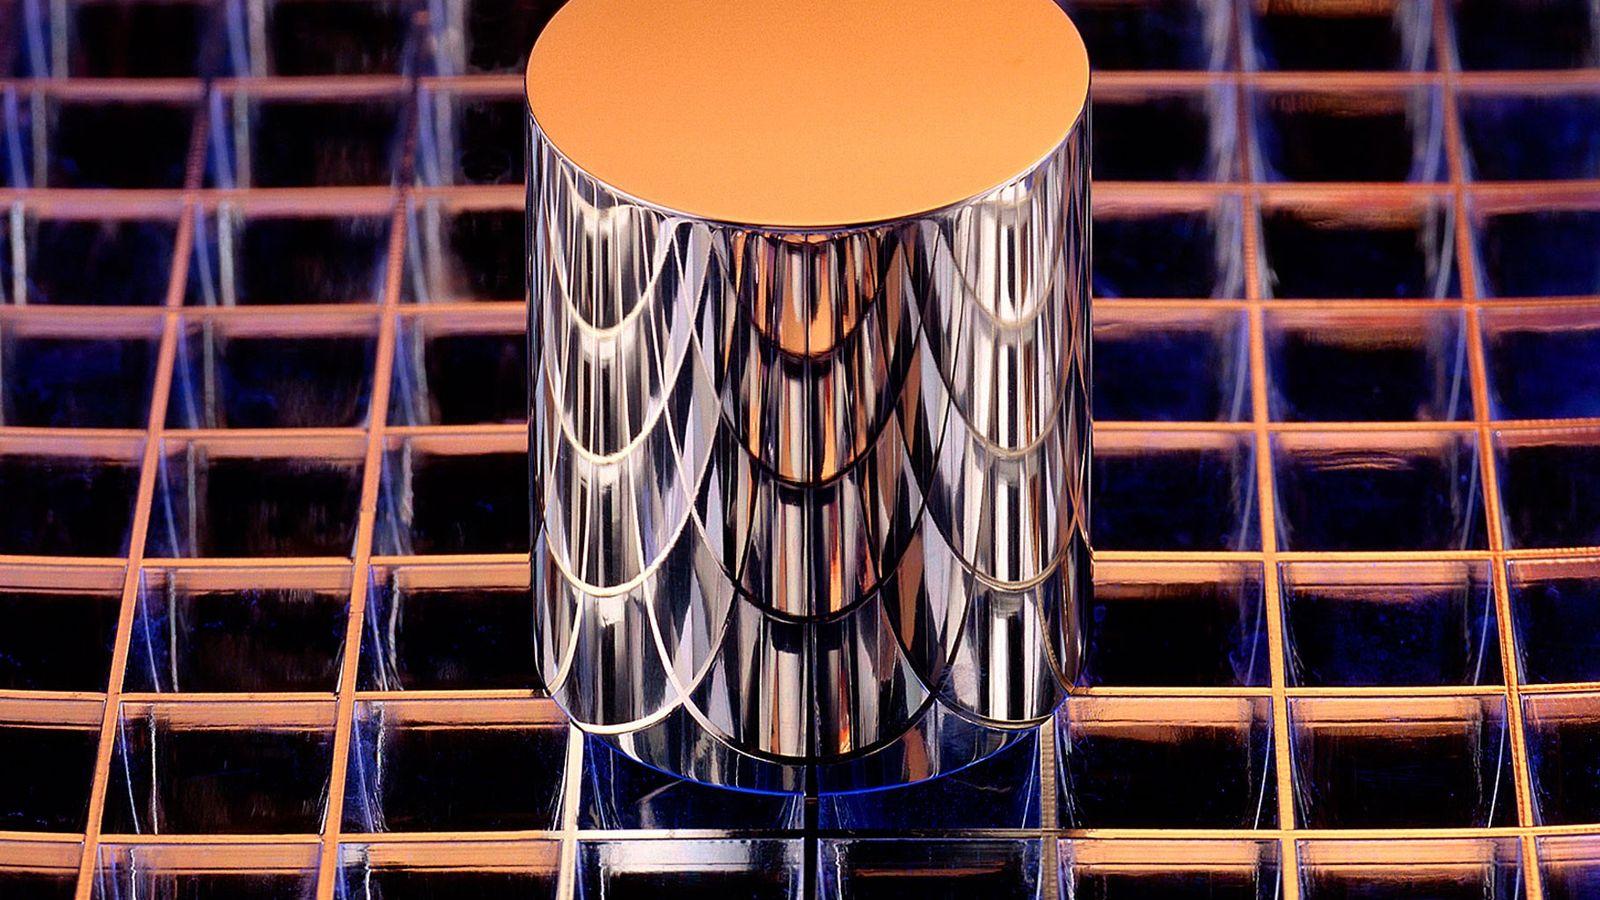 Ce cylindre est une réplique exacte du prototype international du kilogramme (IPK pour « International Prototype ...